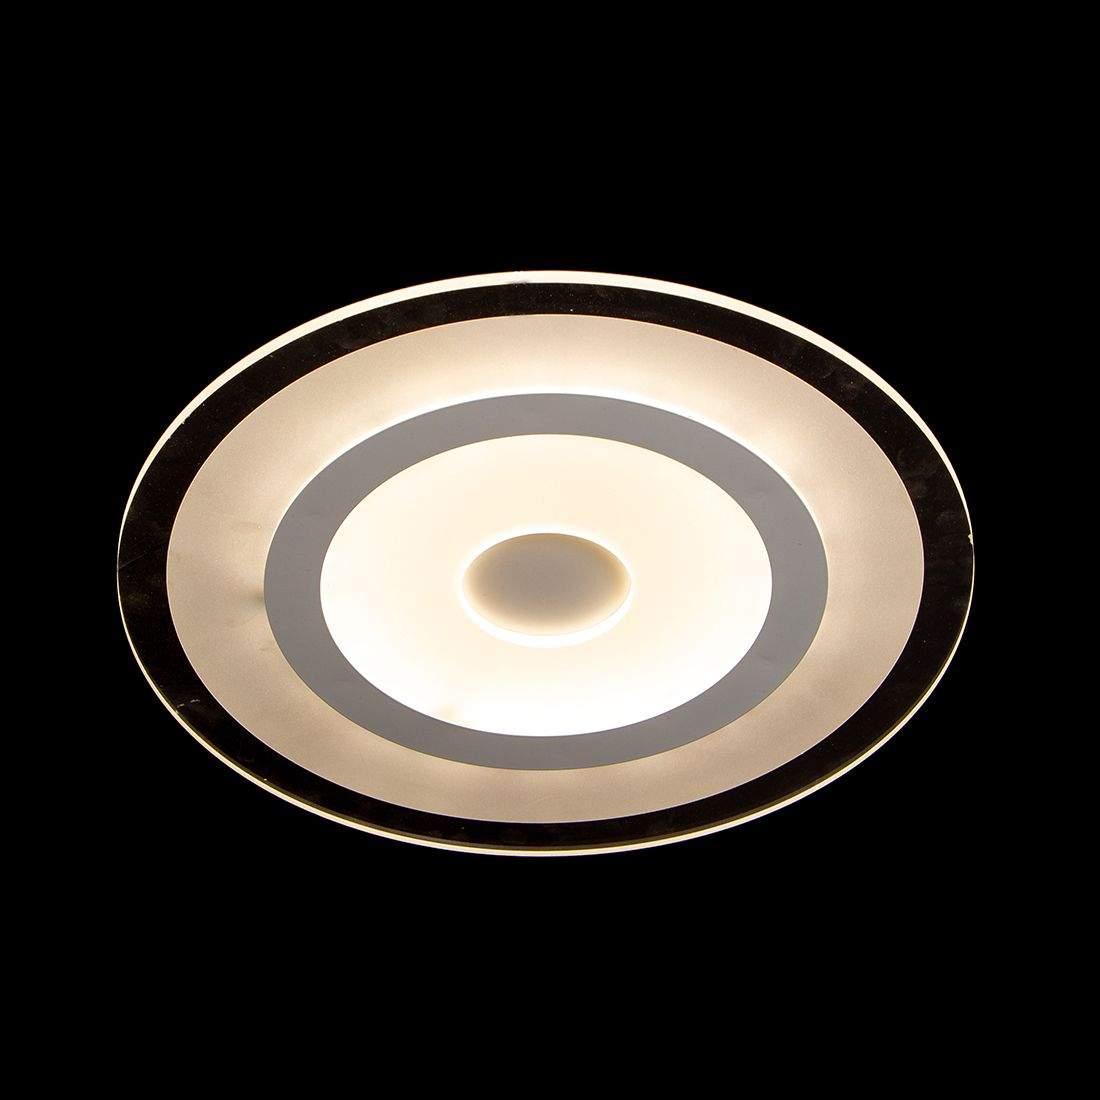 Люстра светодиодная с пультом управления SC-8407/500 WH DIMMER